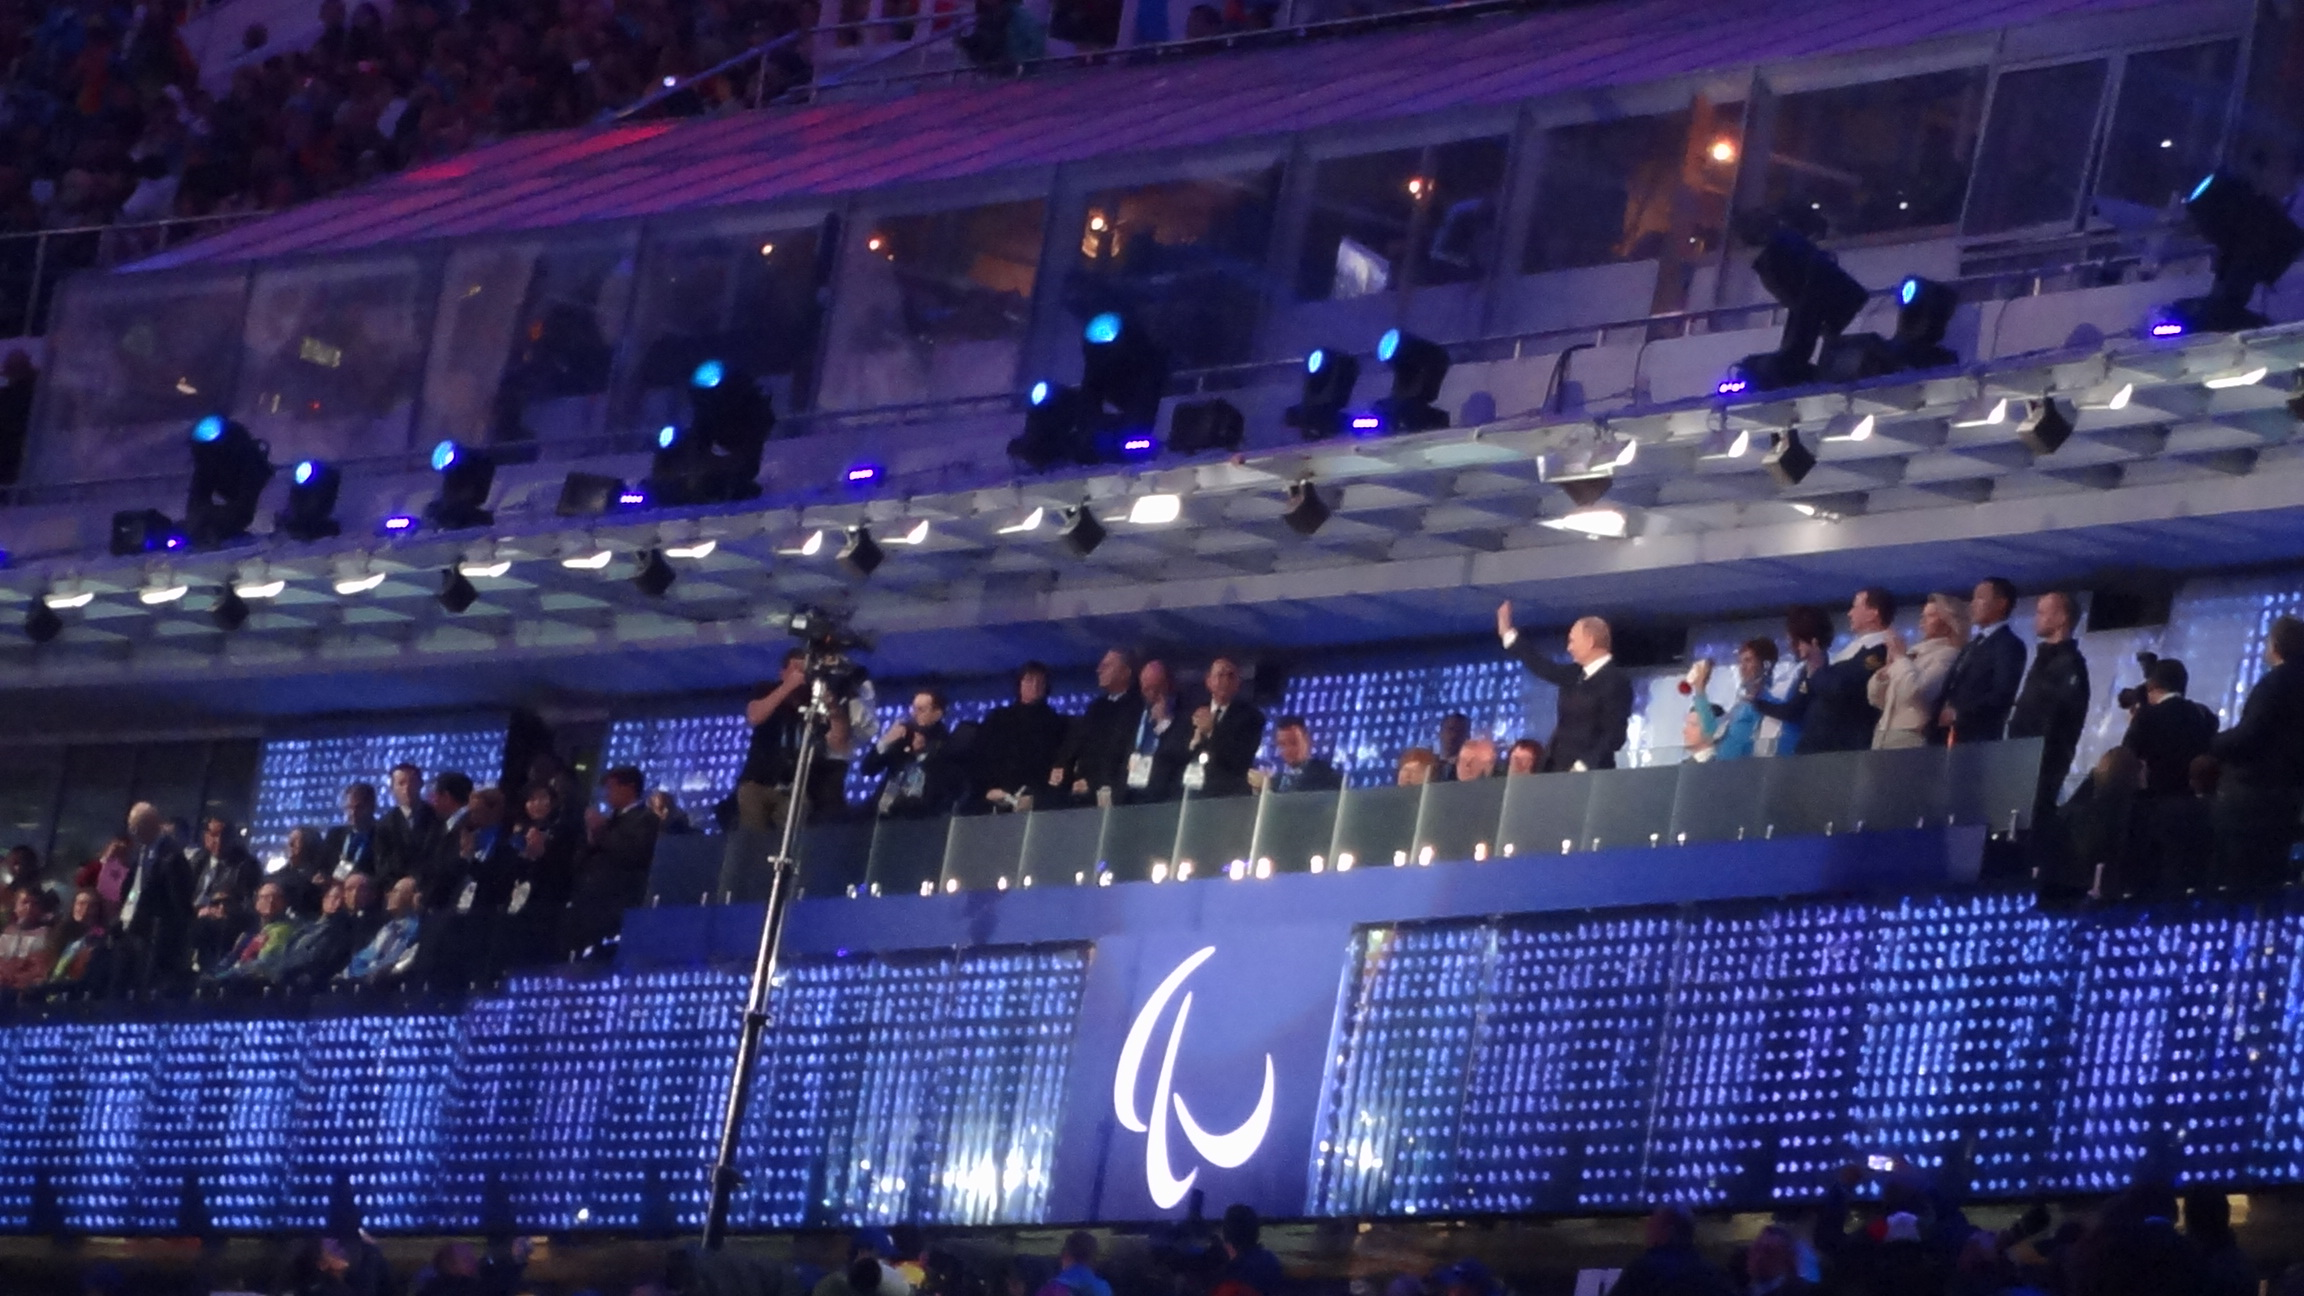 Церемония открытия Паралимпийских игр 2014 в Сочи.JPG